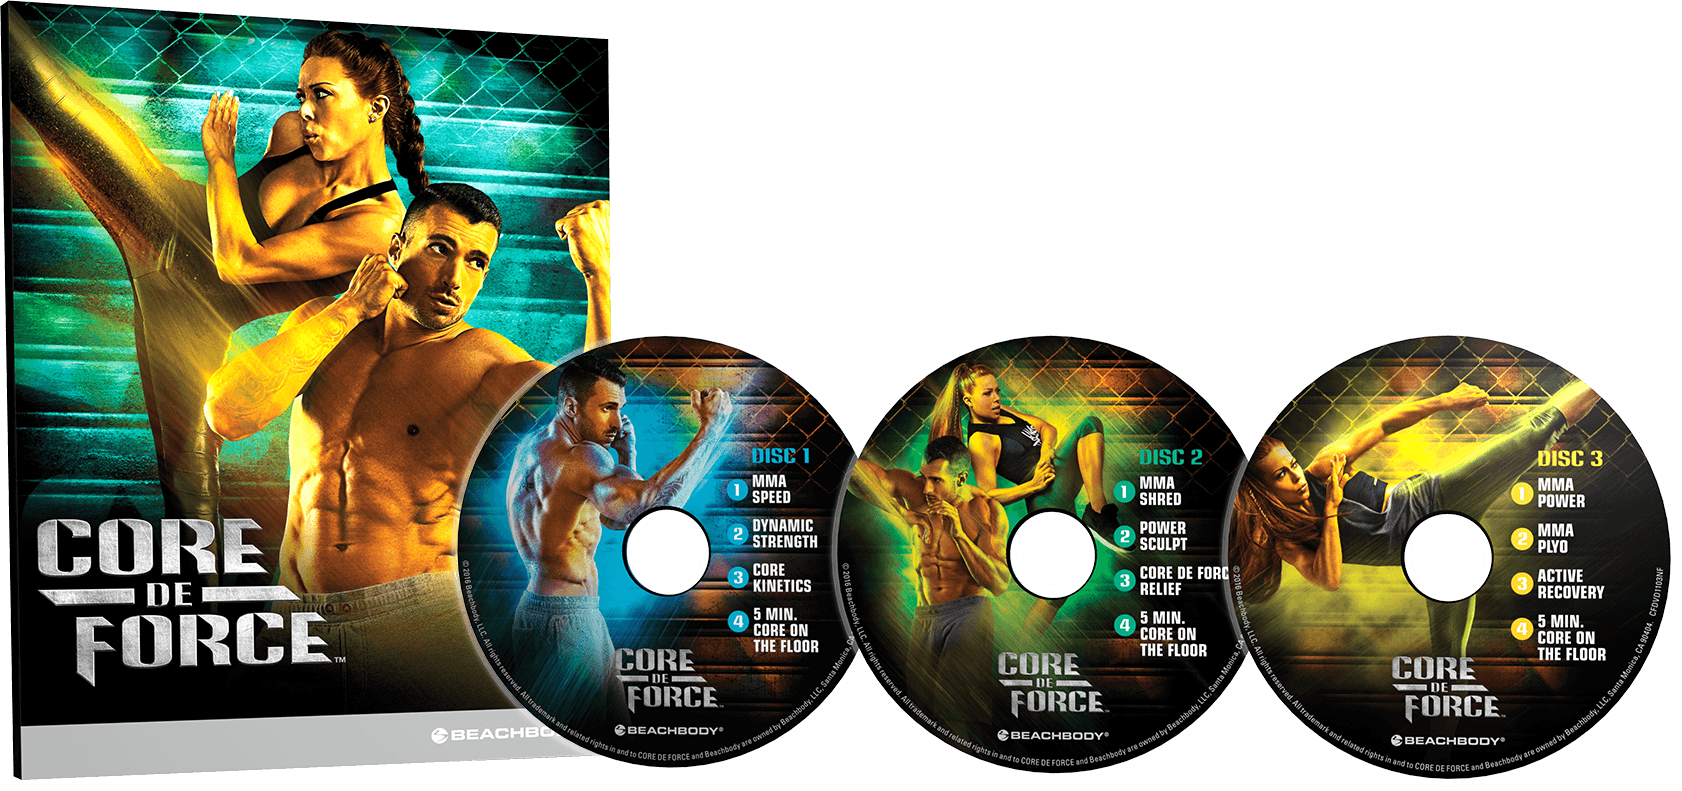 Prefer DVDs?